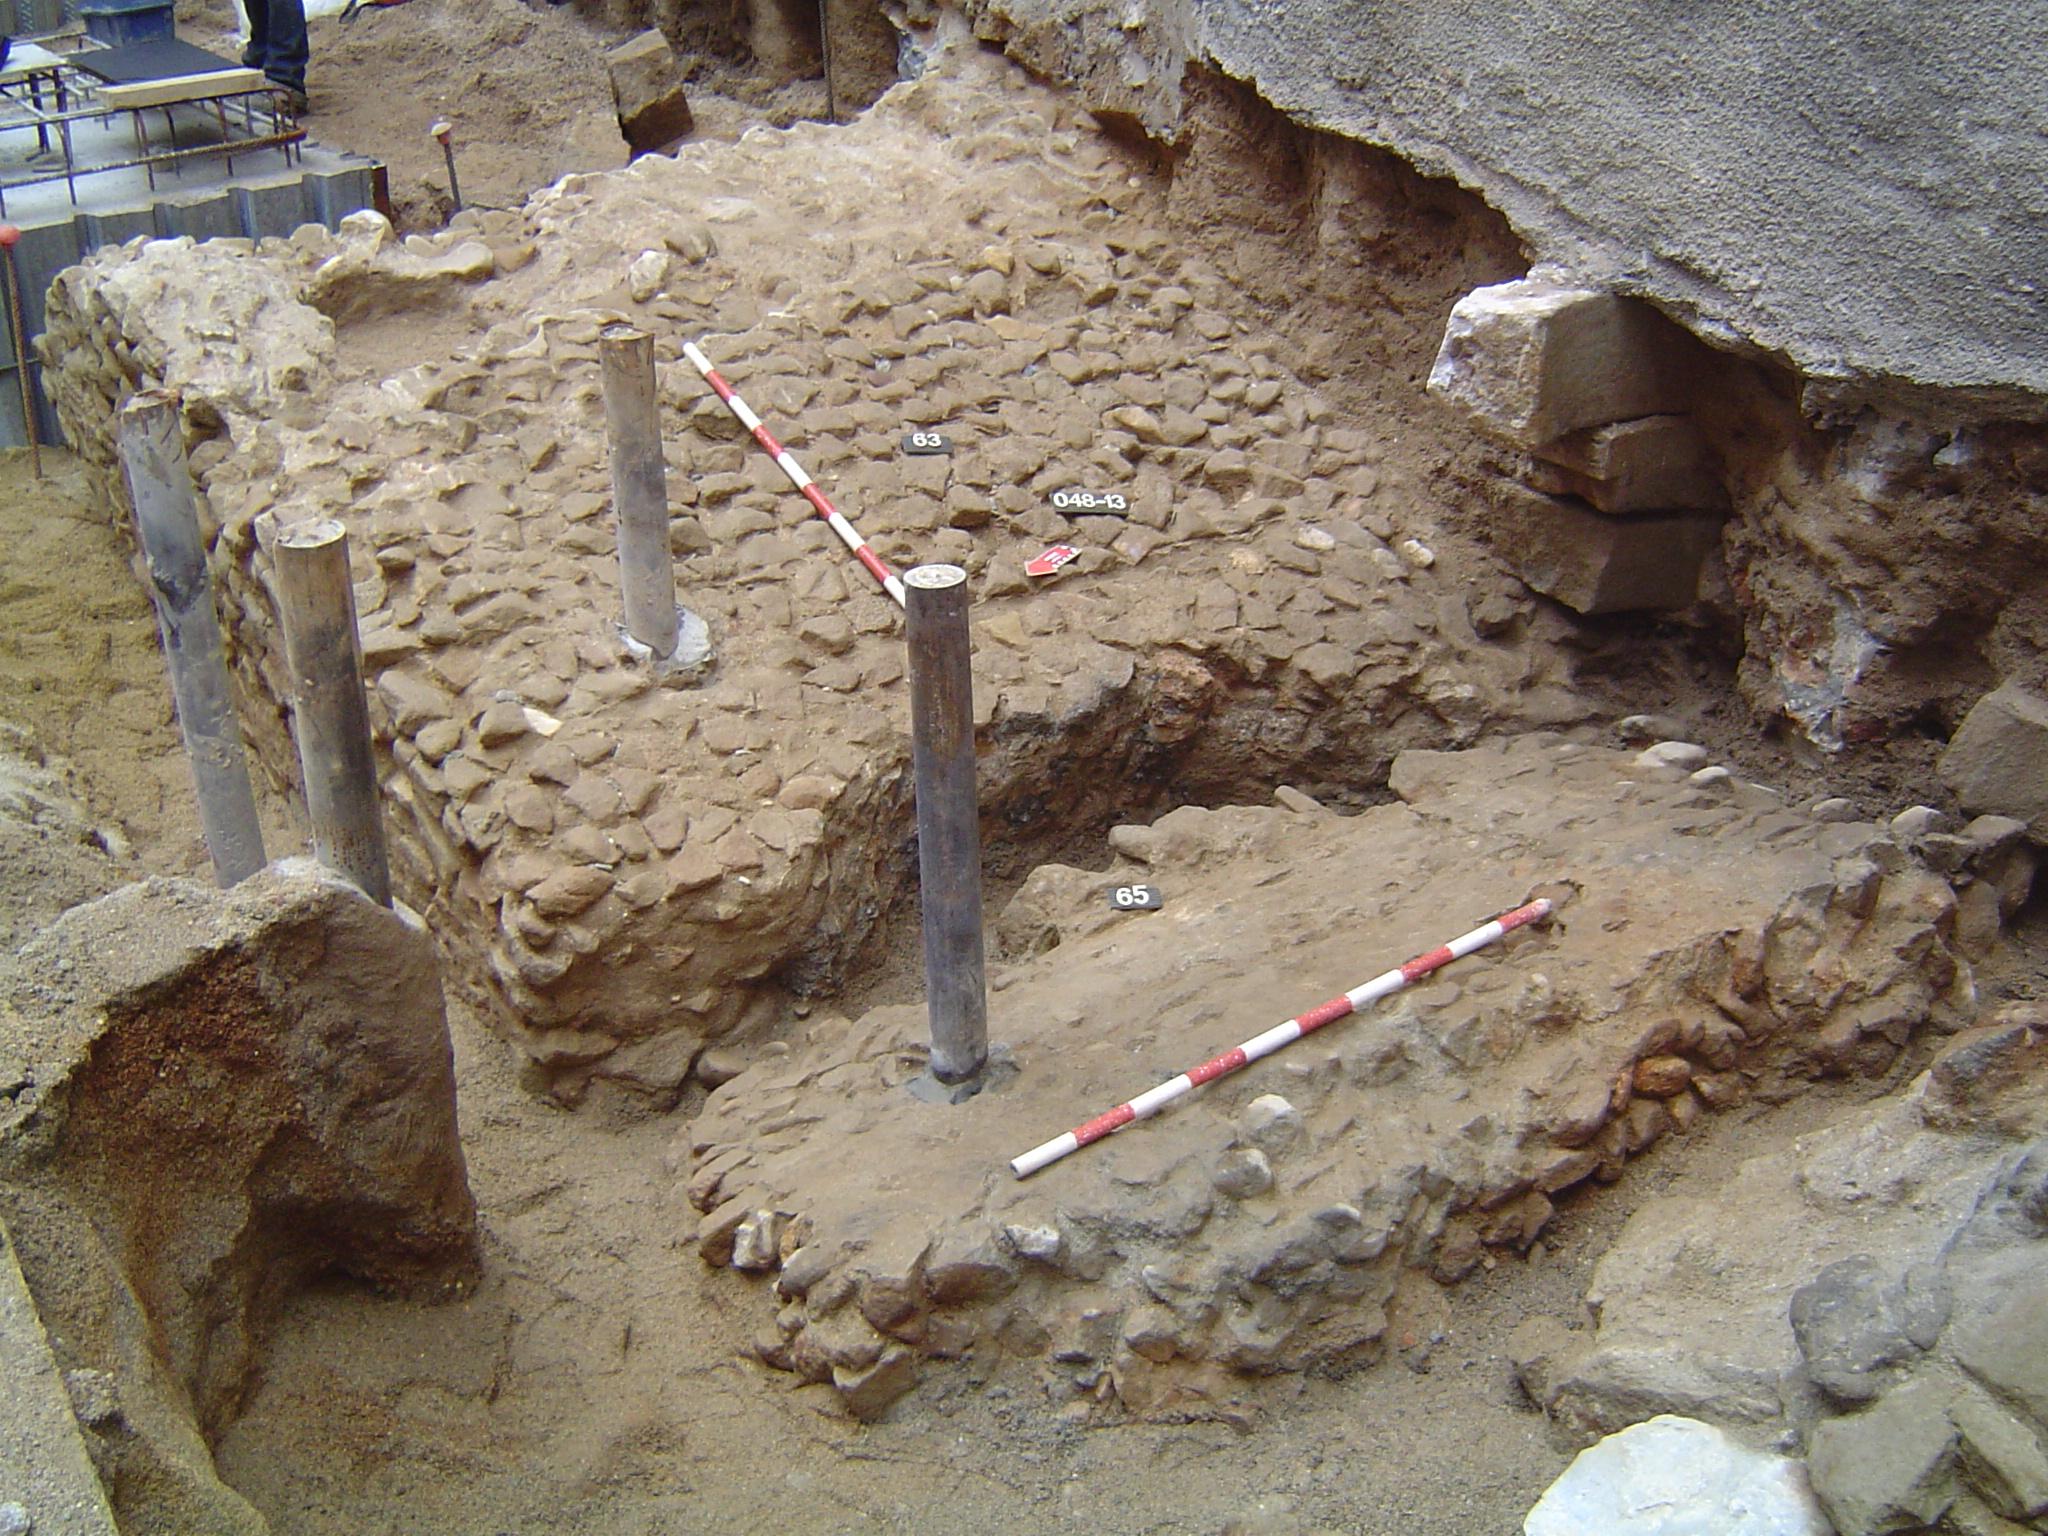 Detall del dic de contenció de sorres o estructura portuària romana. Foto: Jordi Petit